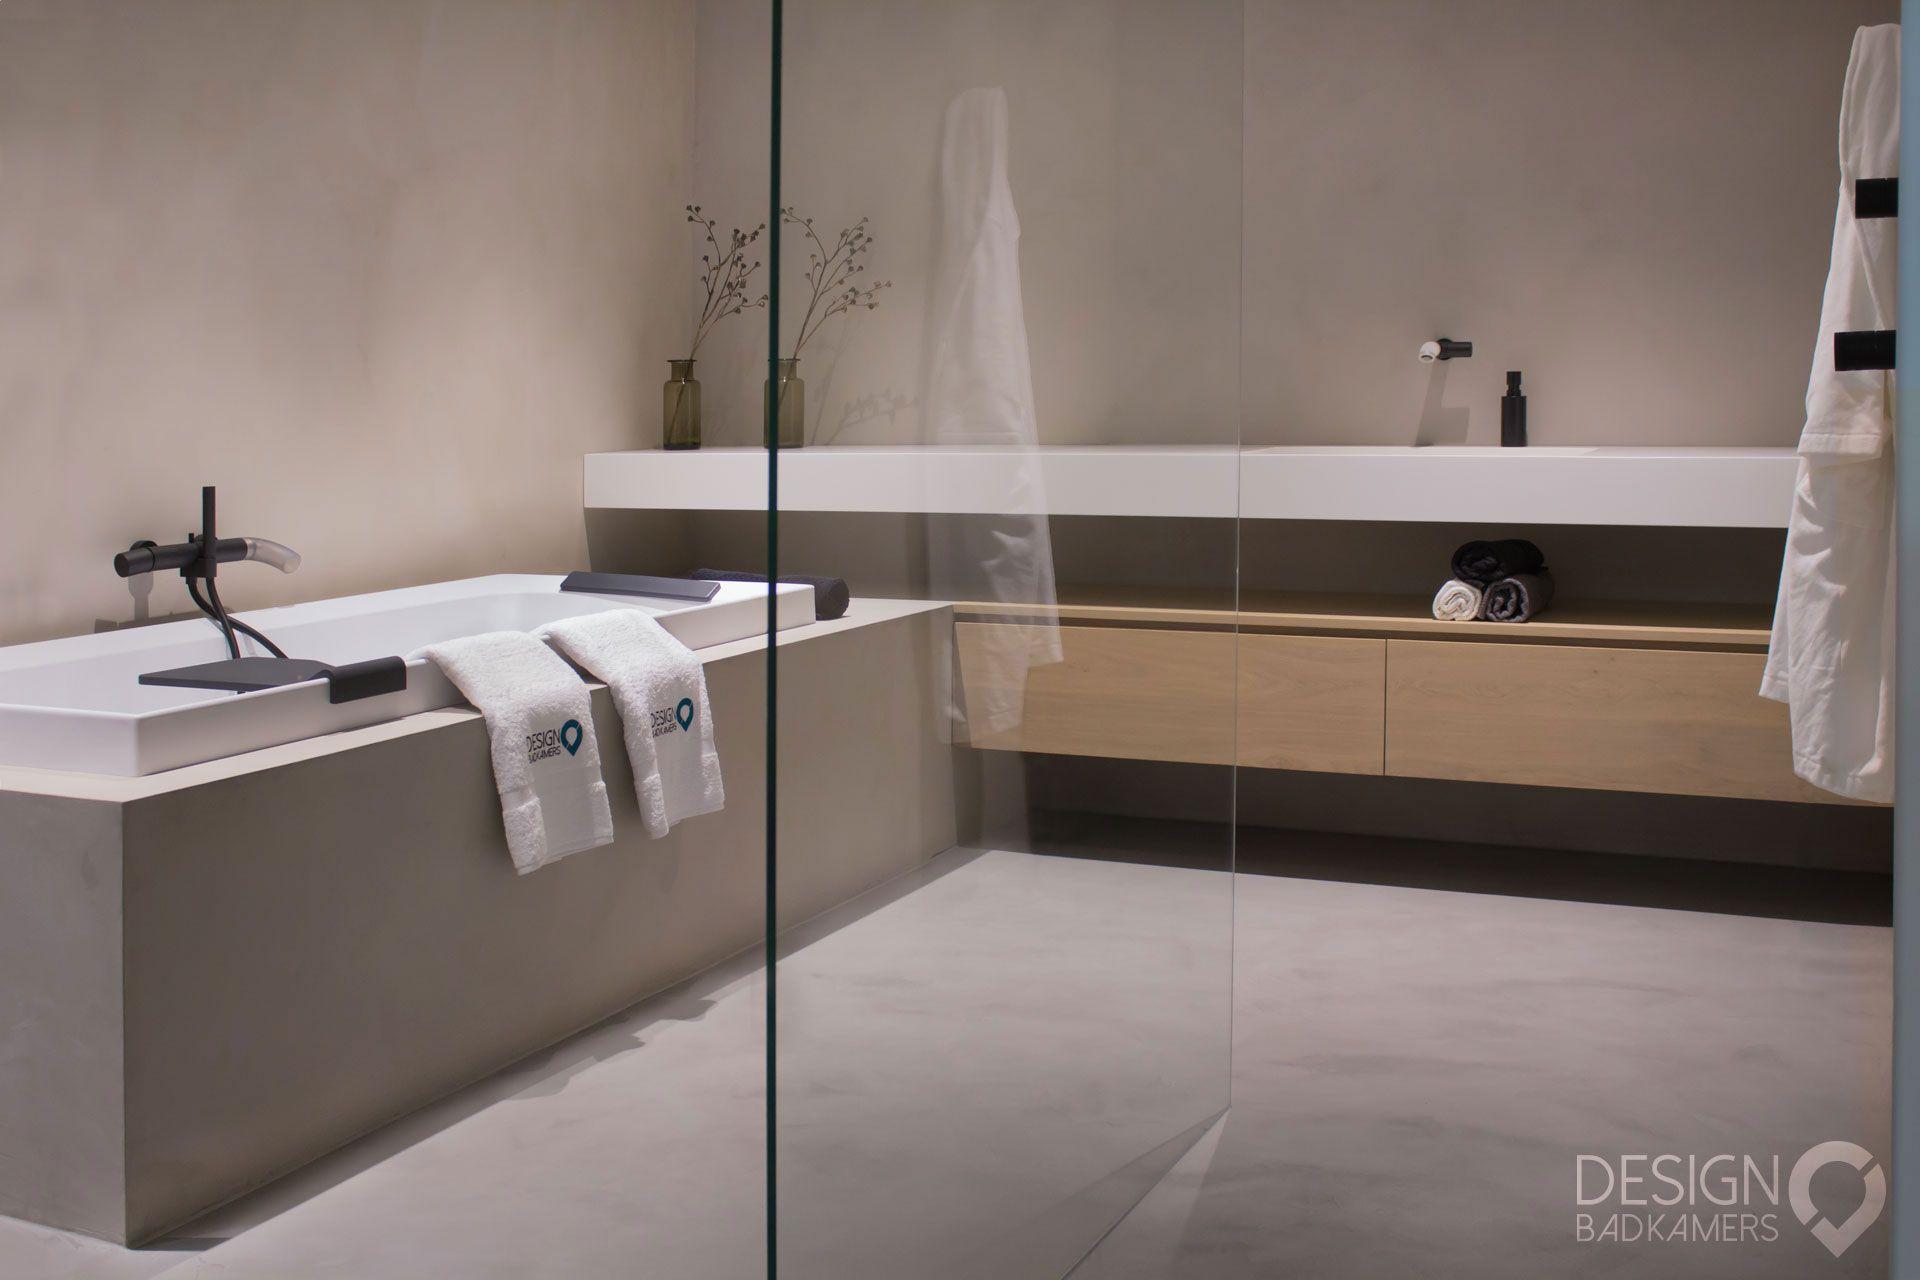 Betonnen Blad Badkamer : Beton cire stucwerk voor badkamer en keukenblad werkspot